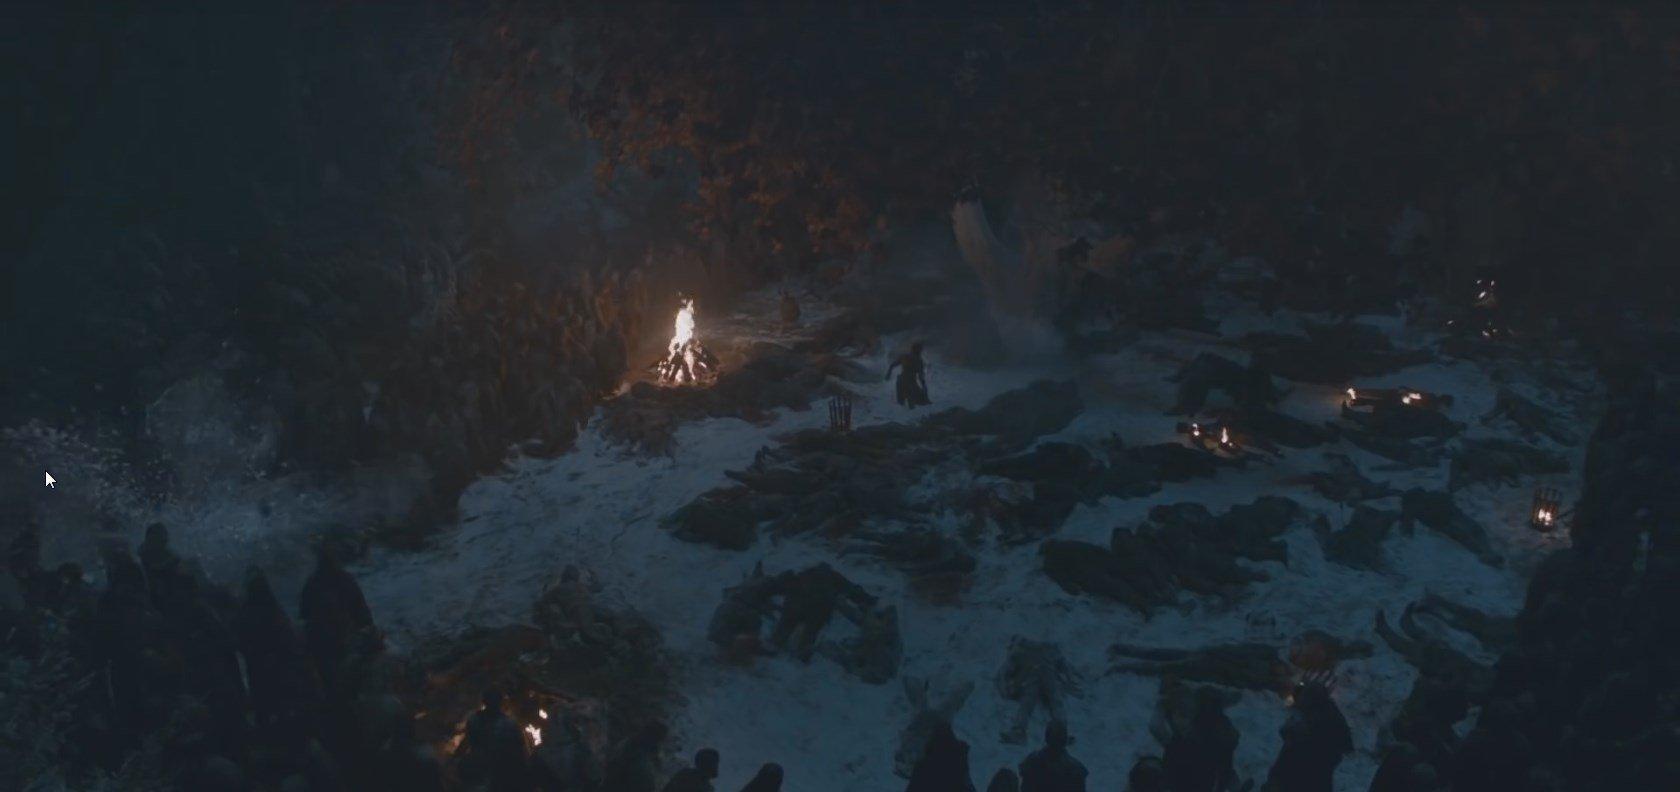 Photo de la huitième saison de la série Game of Thrones avec Arya Stark